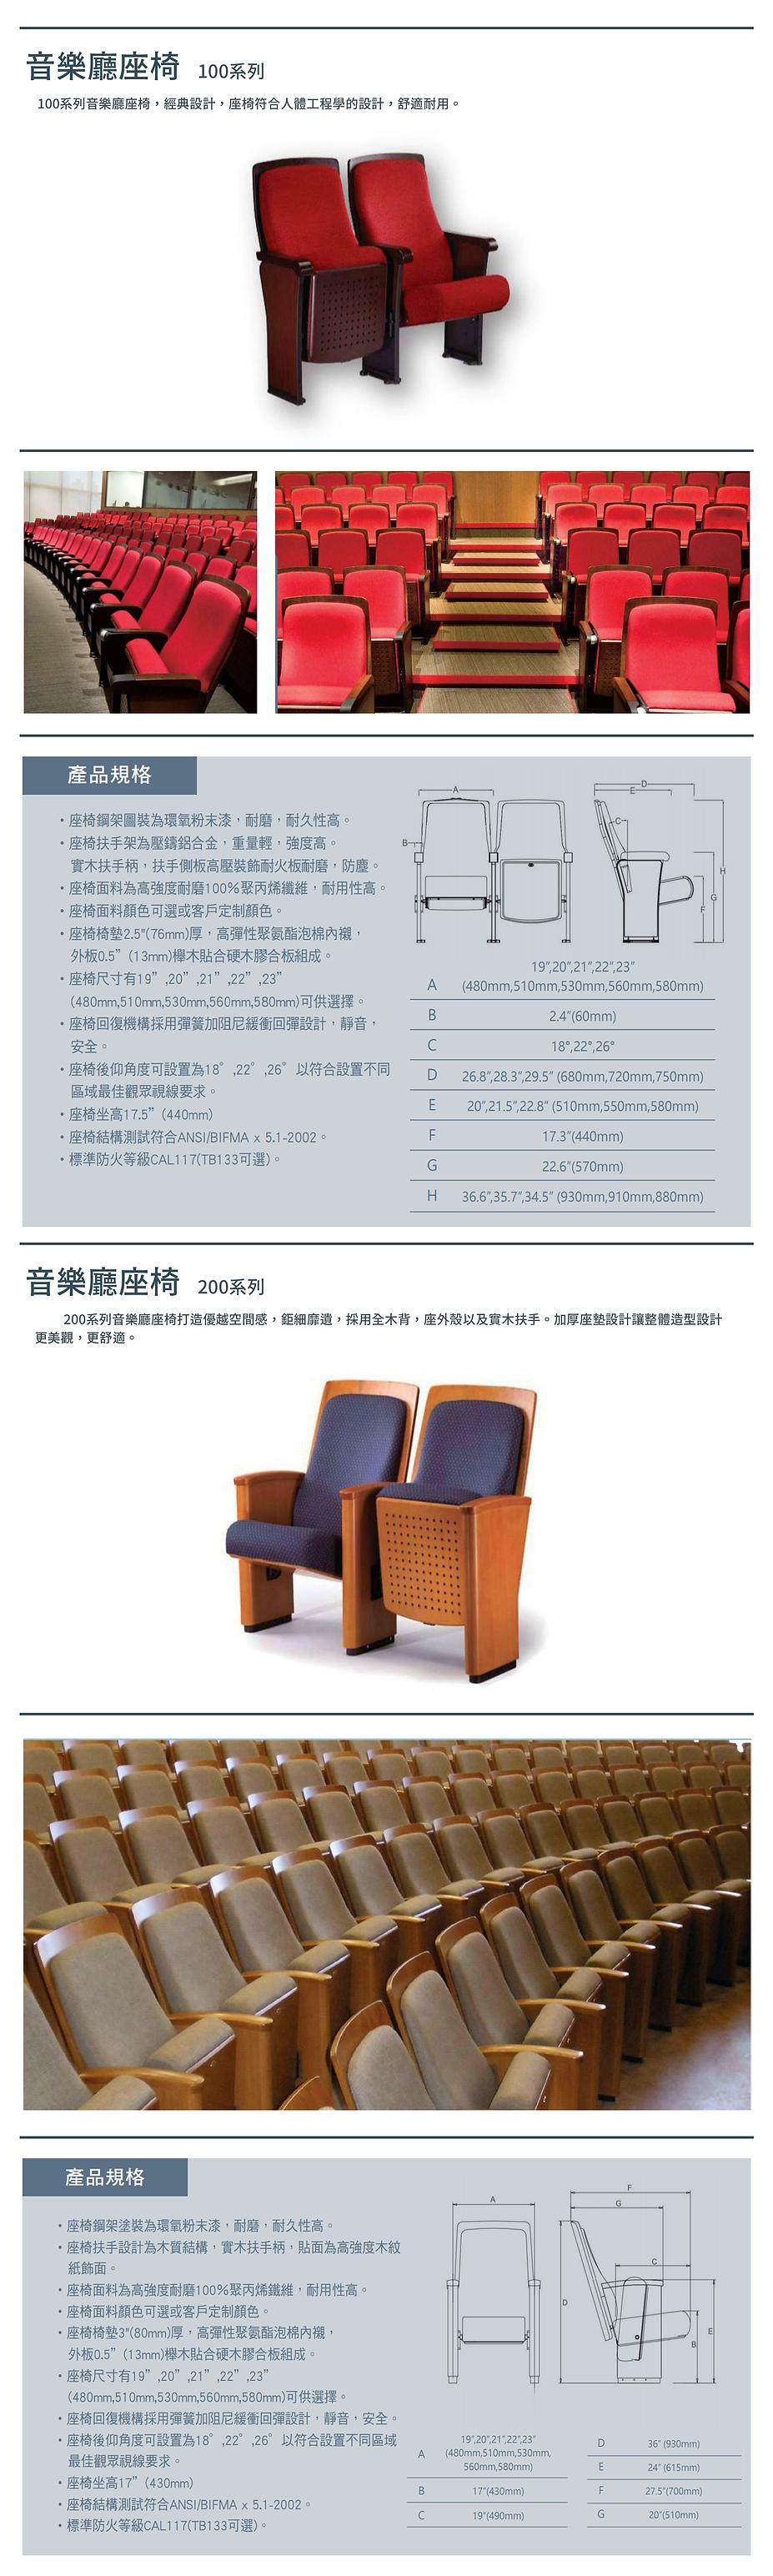 音樂廳座椅.png